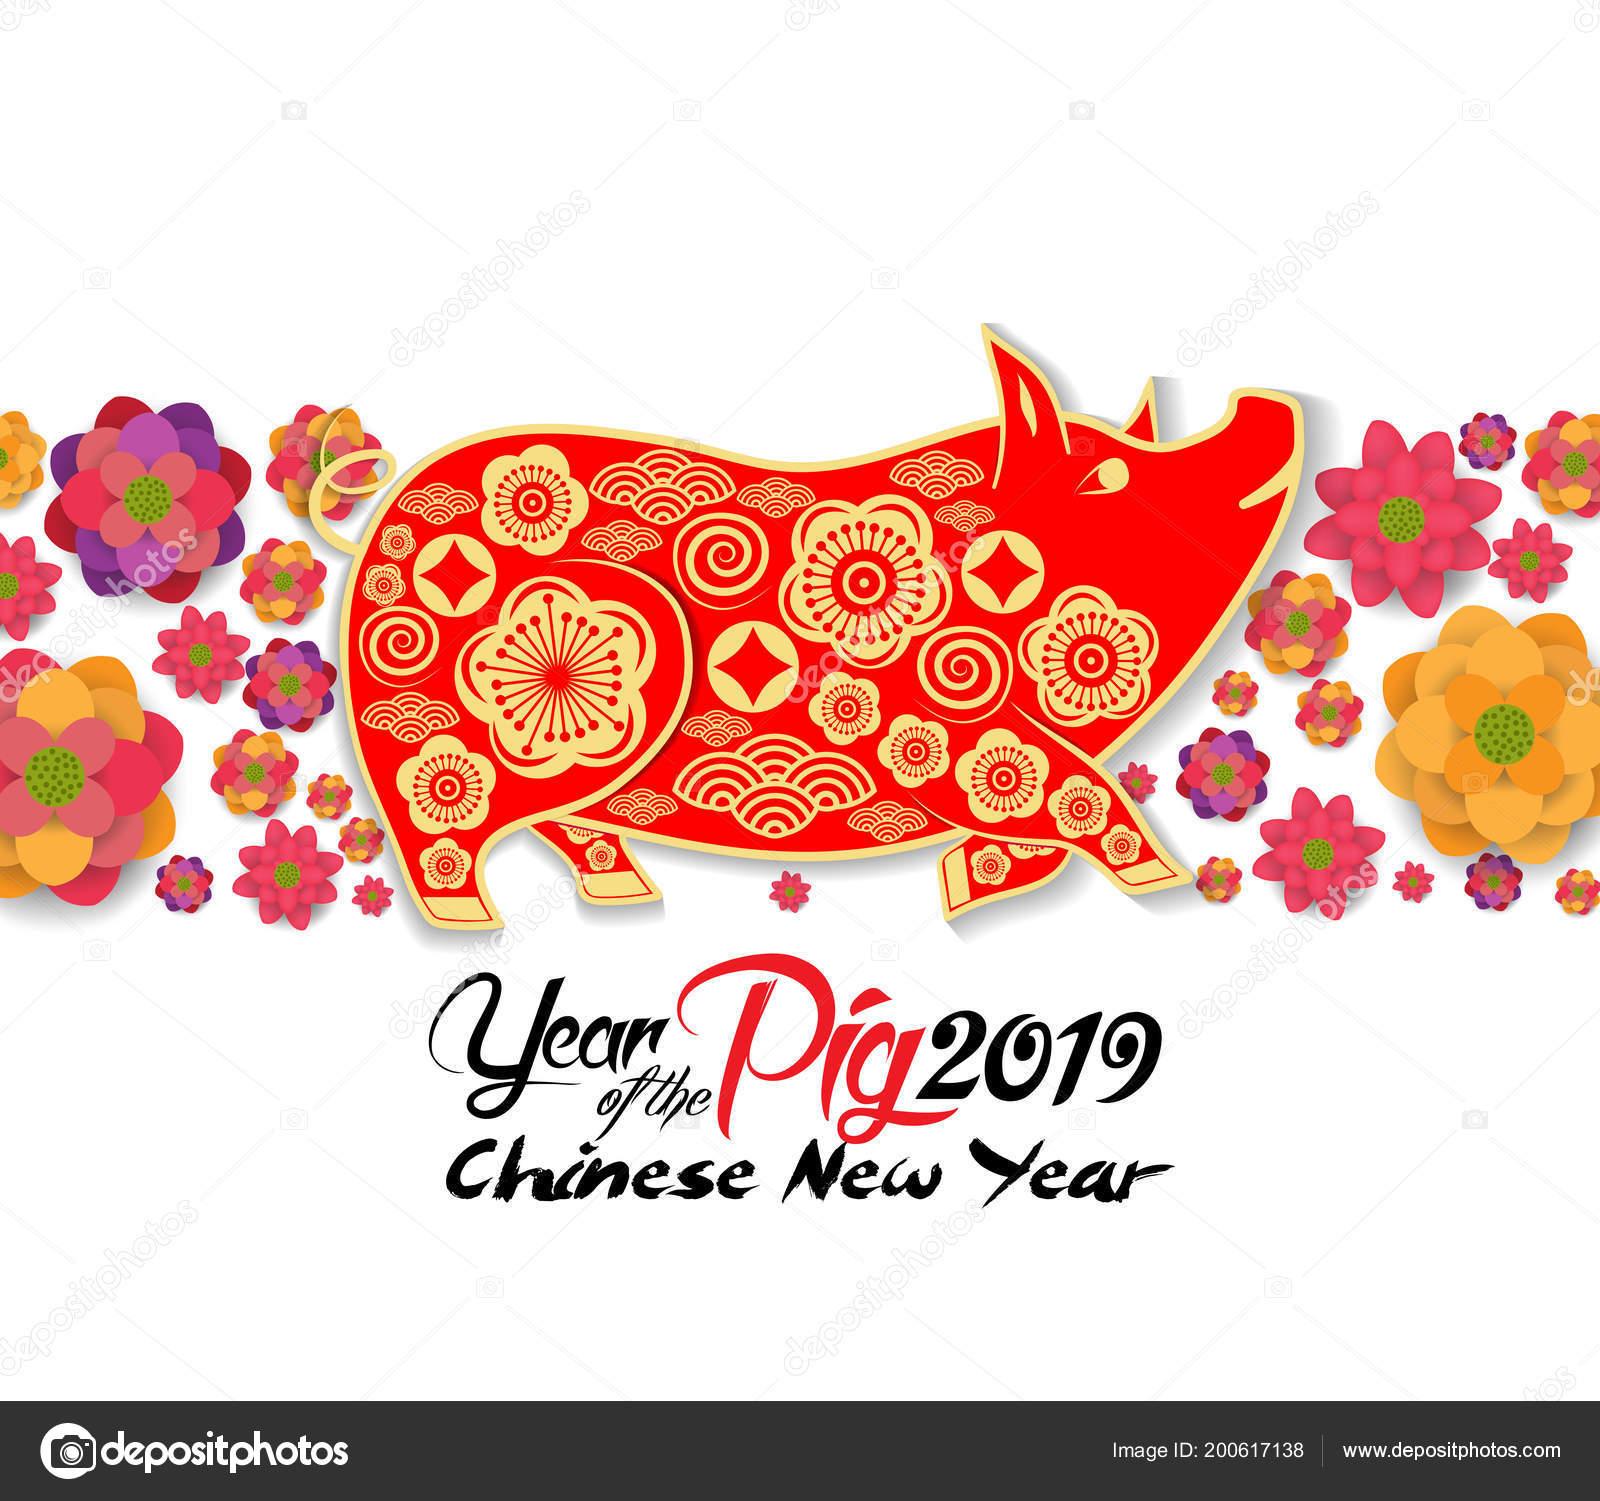 2019 Chinesisches Neues Jahr Gruß Karte Papier Schnitt Mit Gelben ...